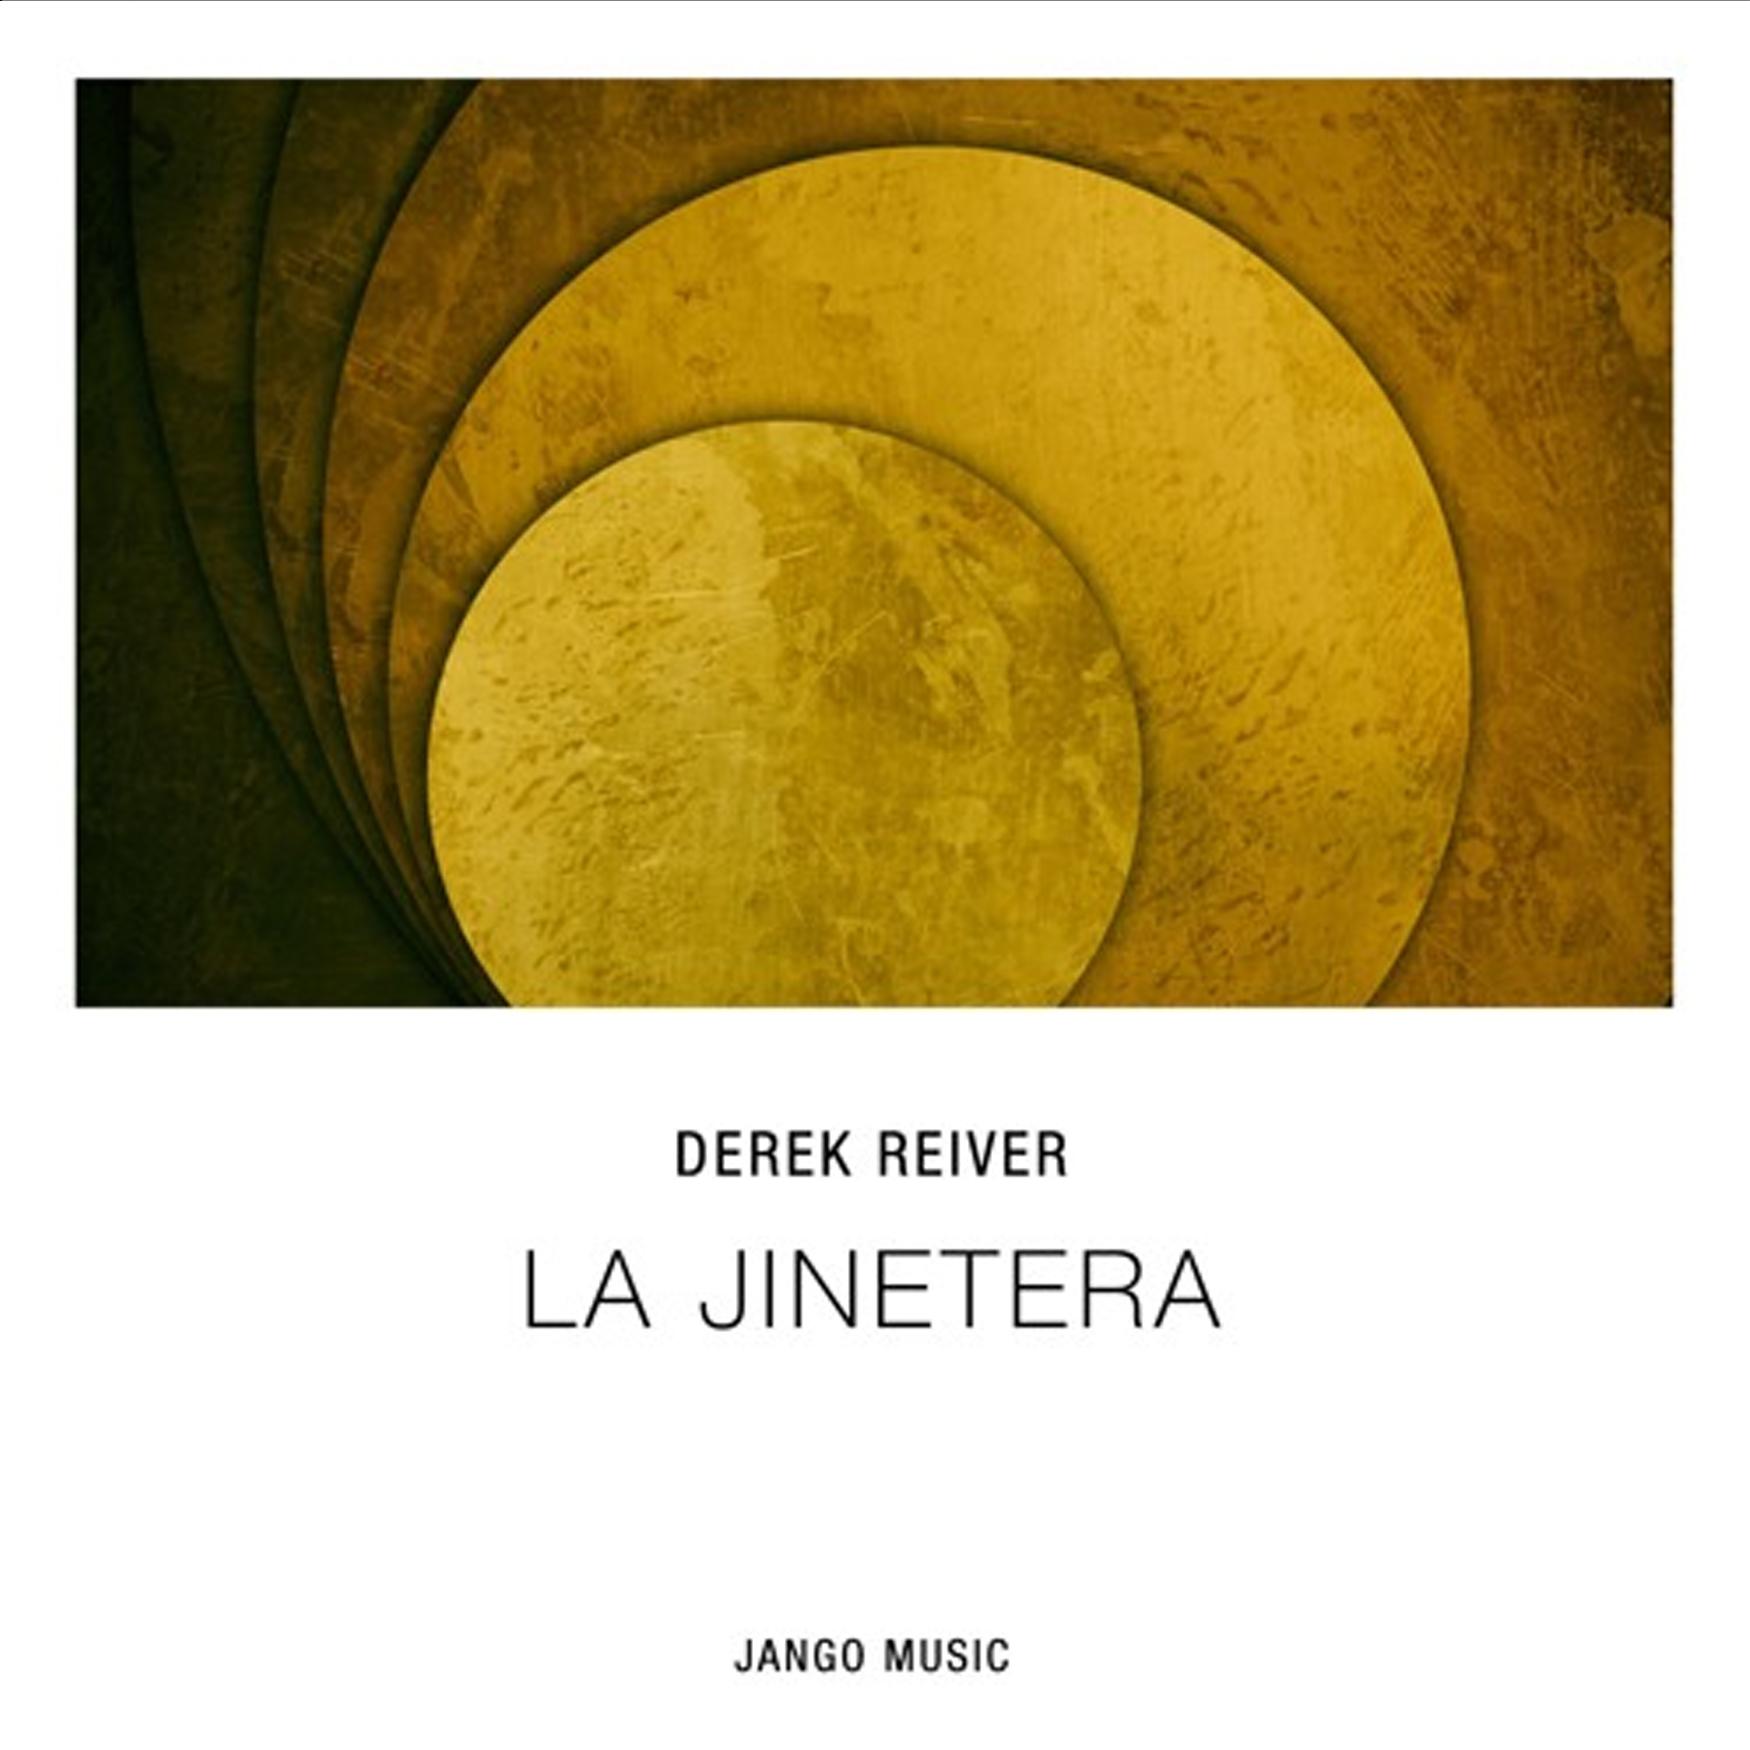 Derek Reiver - La Jinetera